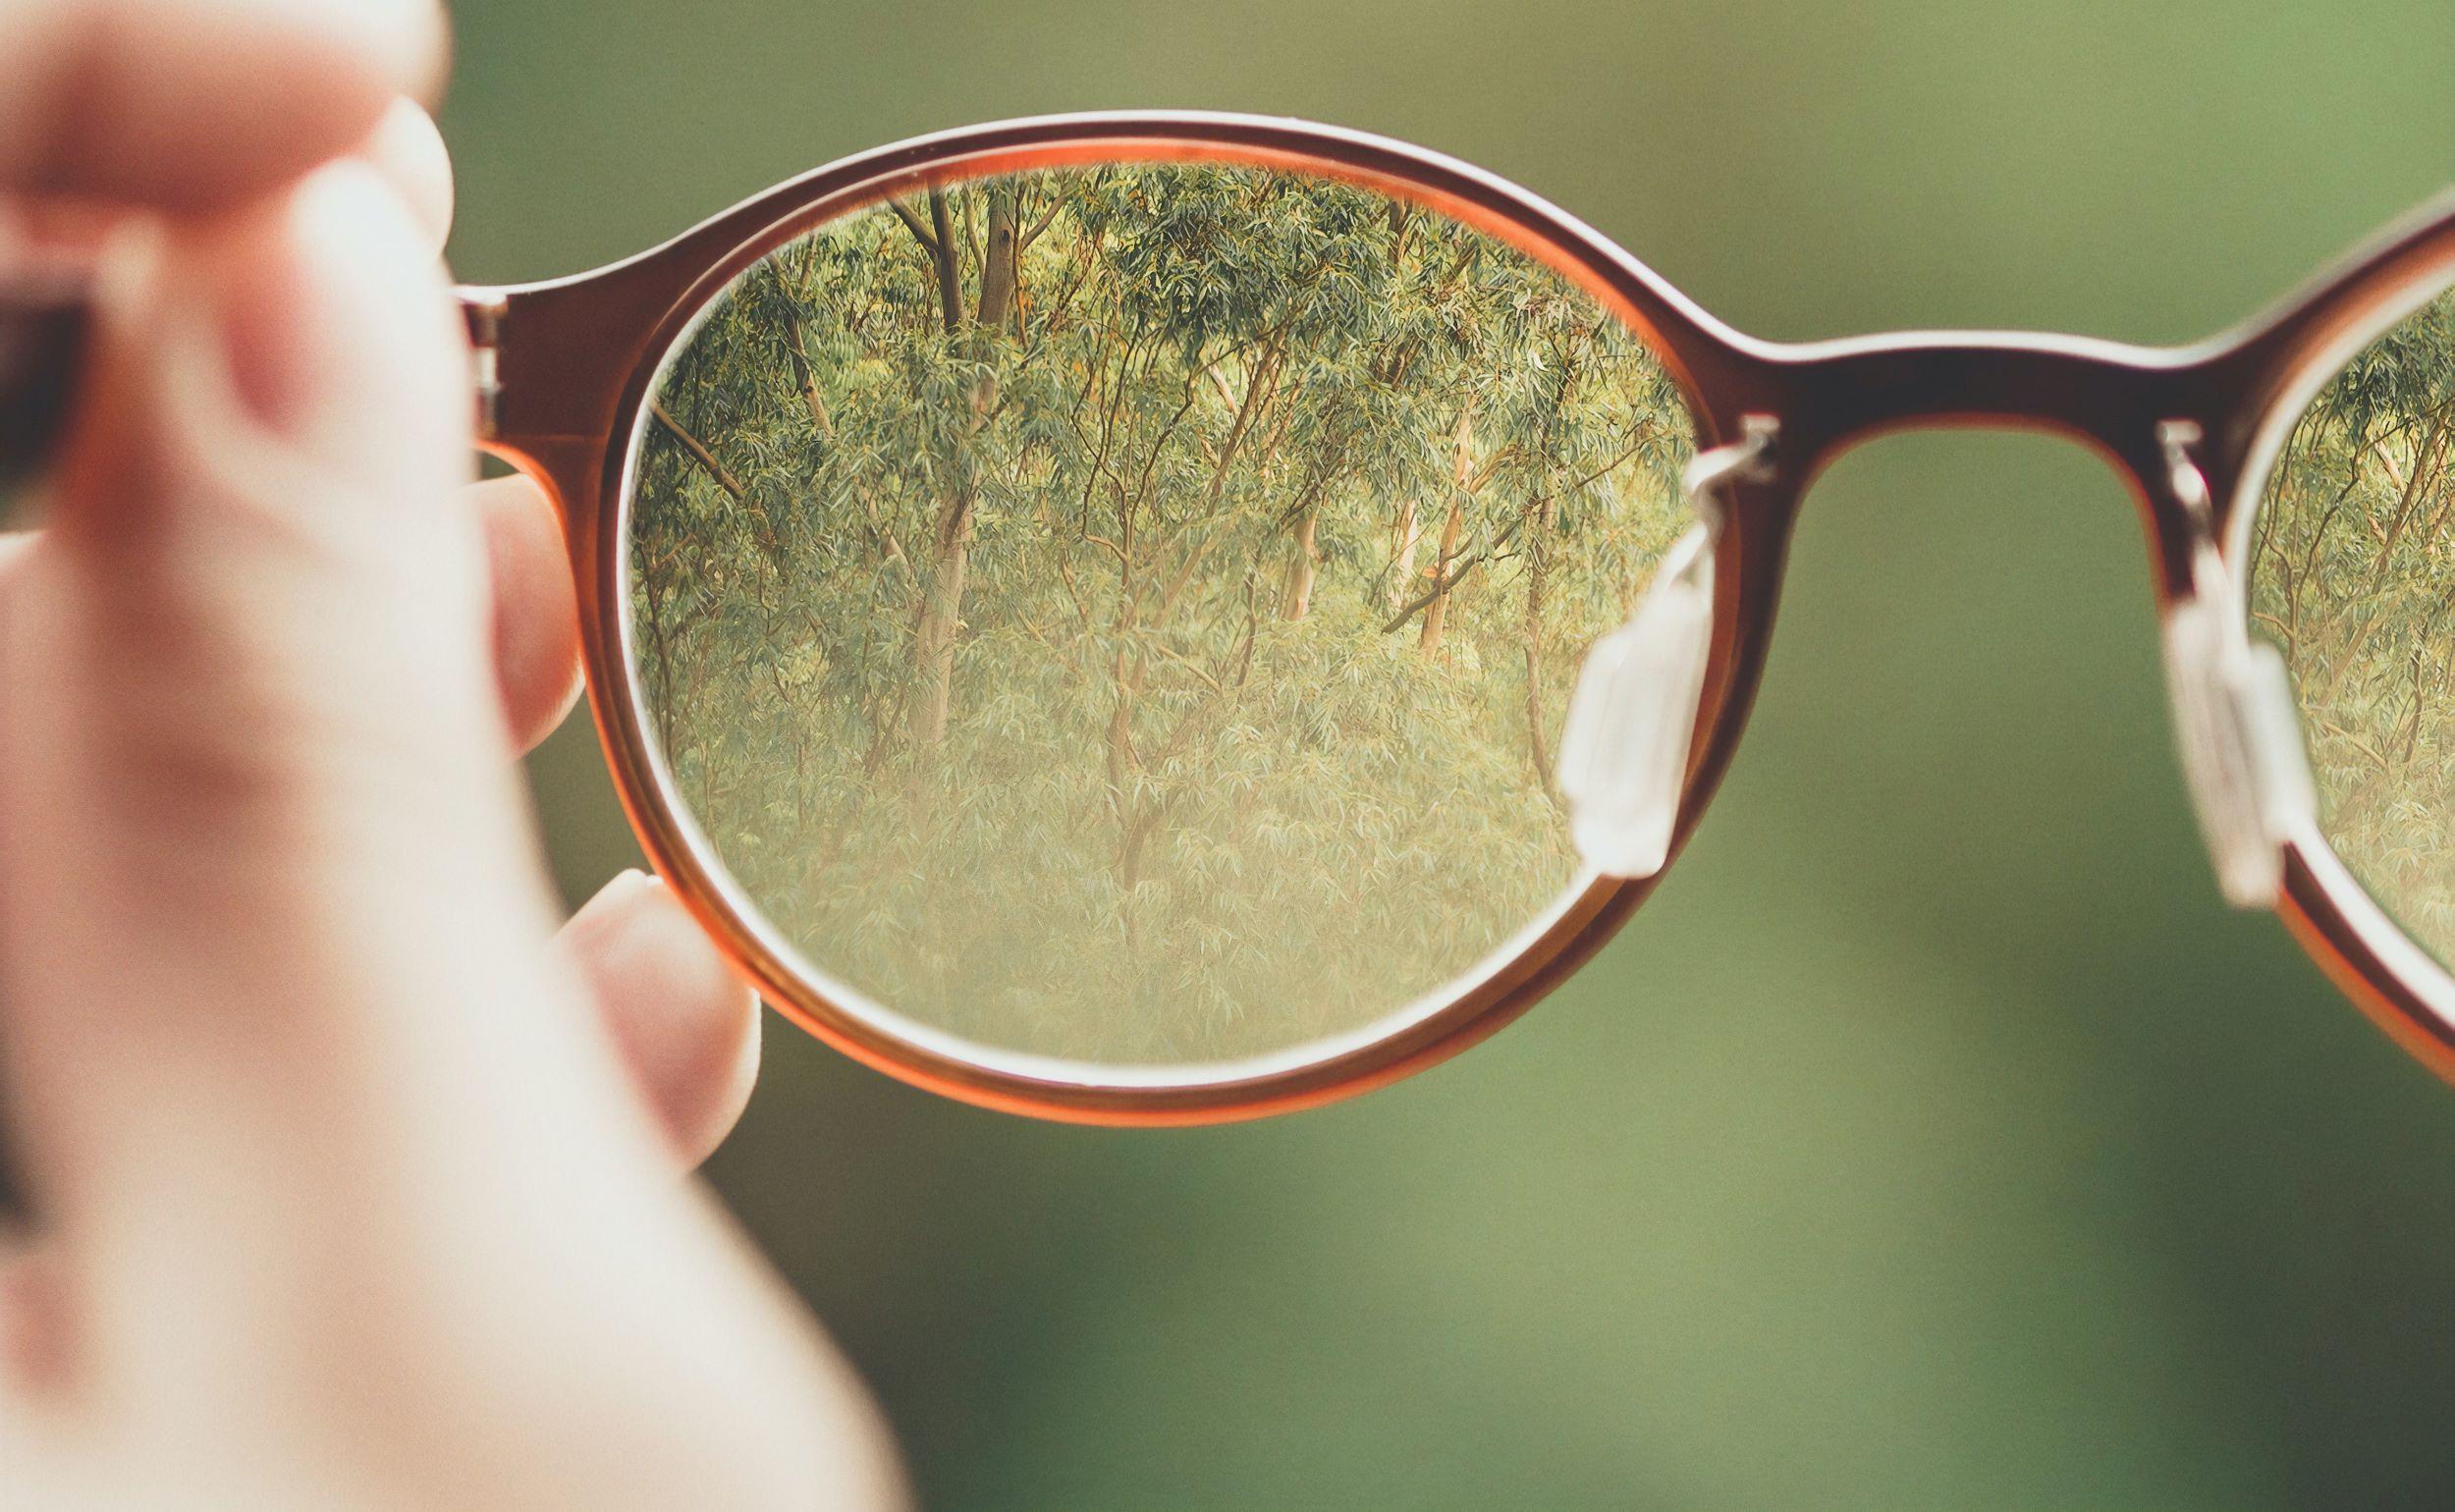 La Ceguera Espiritual impide ver lo que Sucede en el Mundo [¿qué está sucediendo en realidad?]